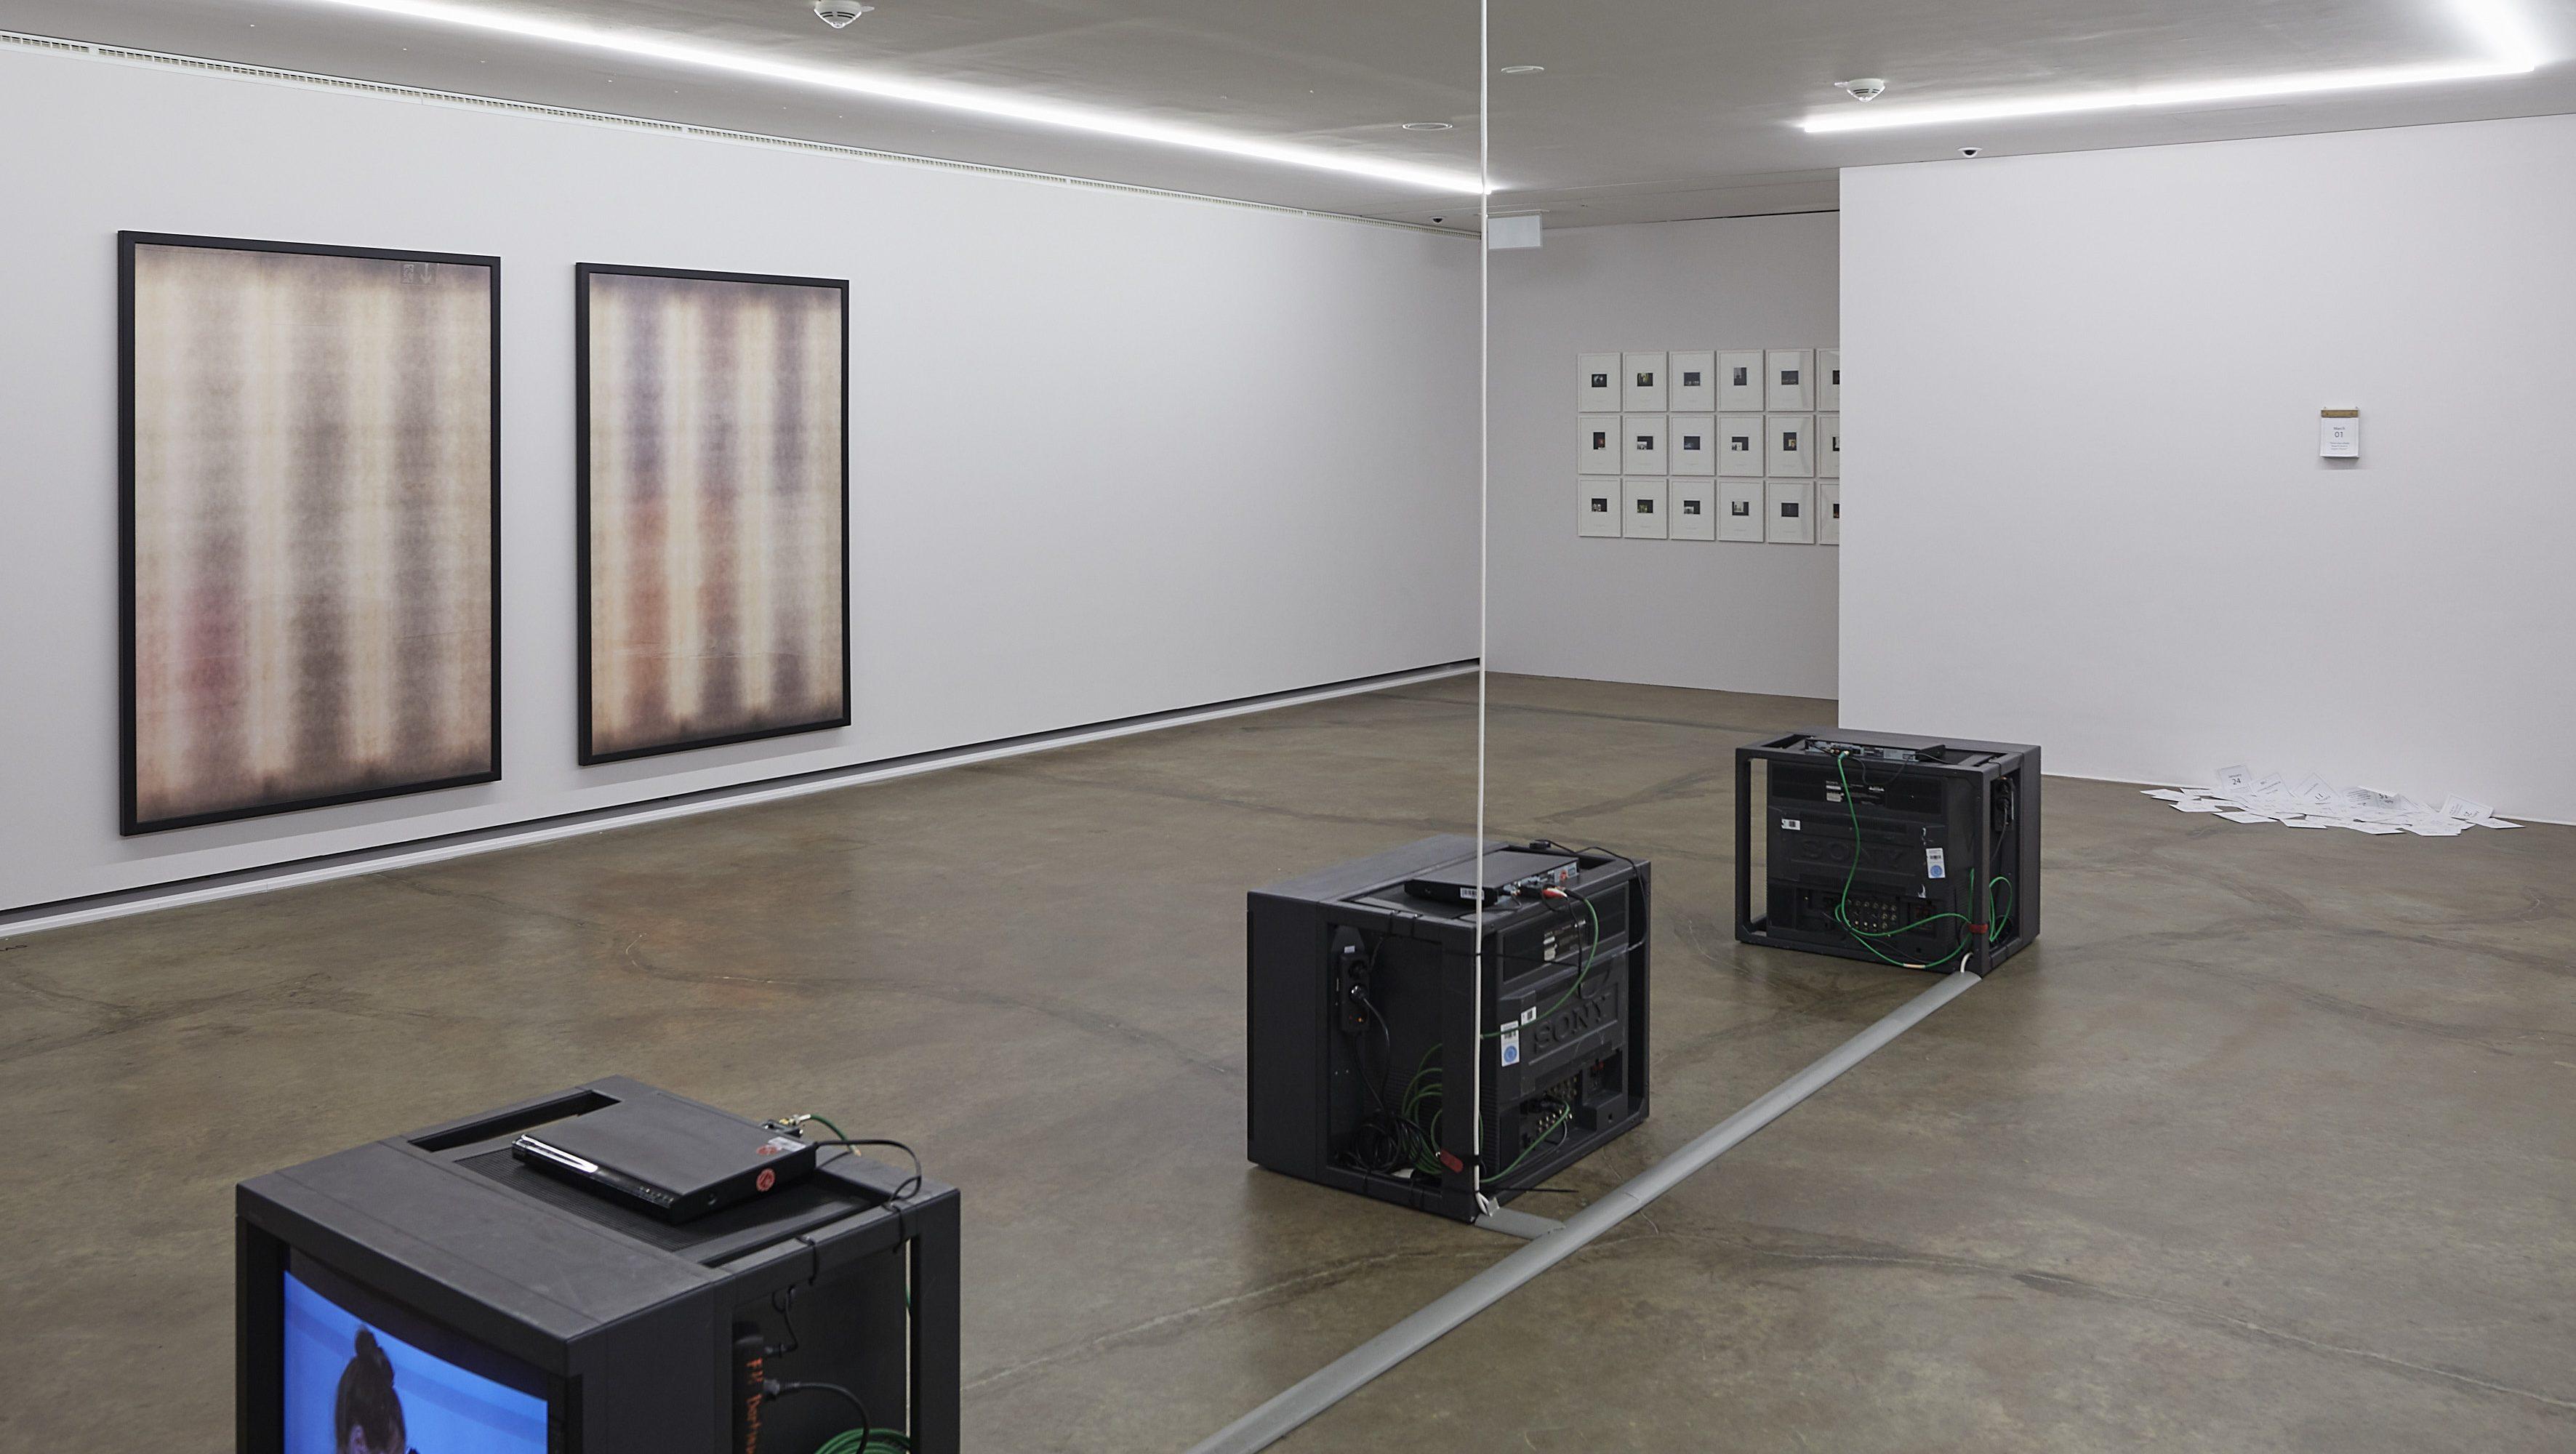 Raumansicht mit Arbeiten von Johannes Maas, Dirk Rose und Annelot Meines